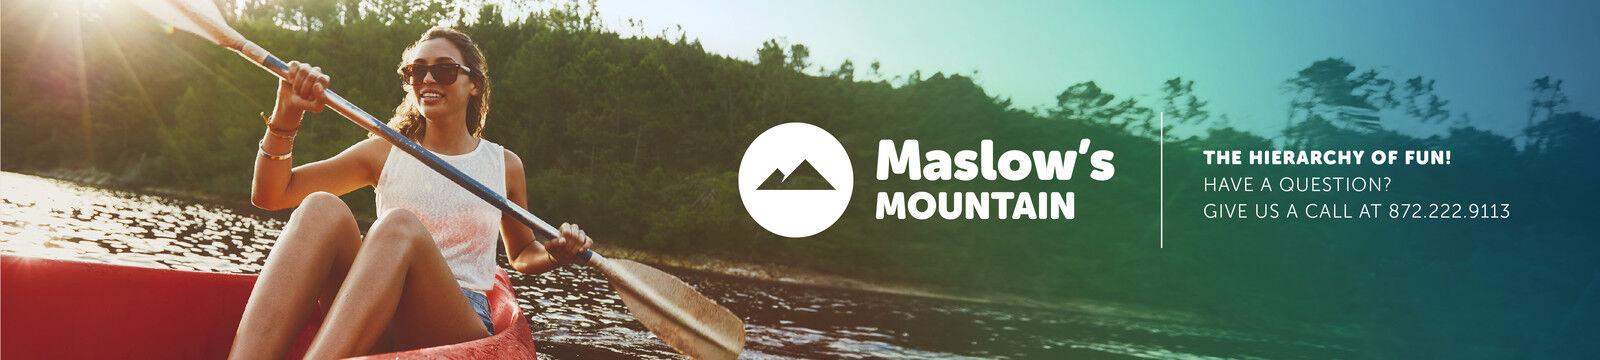 Maslow's Mountain